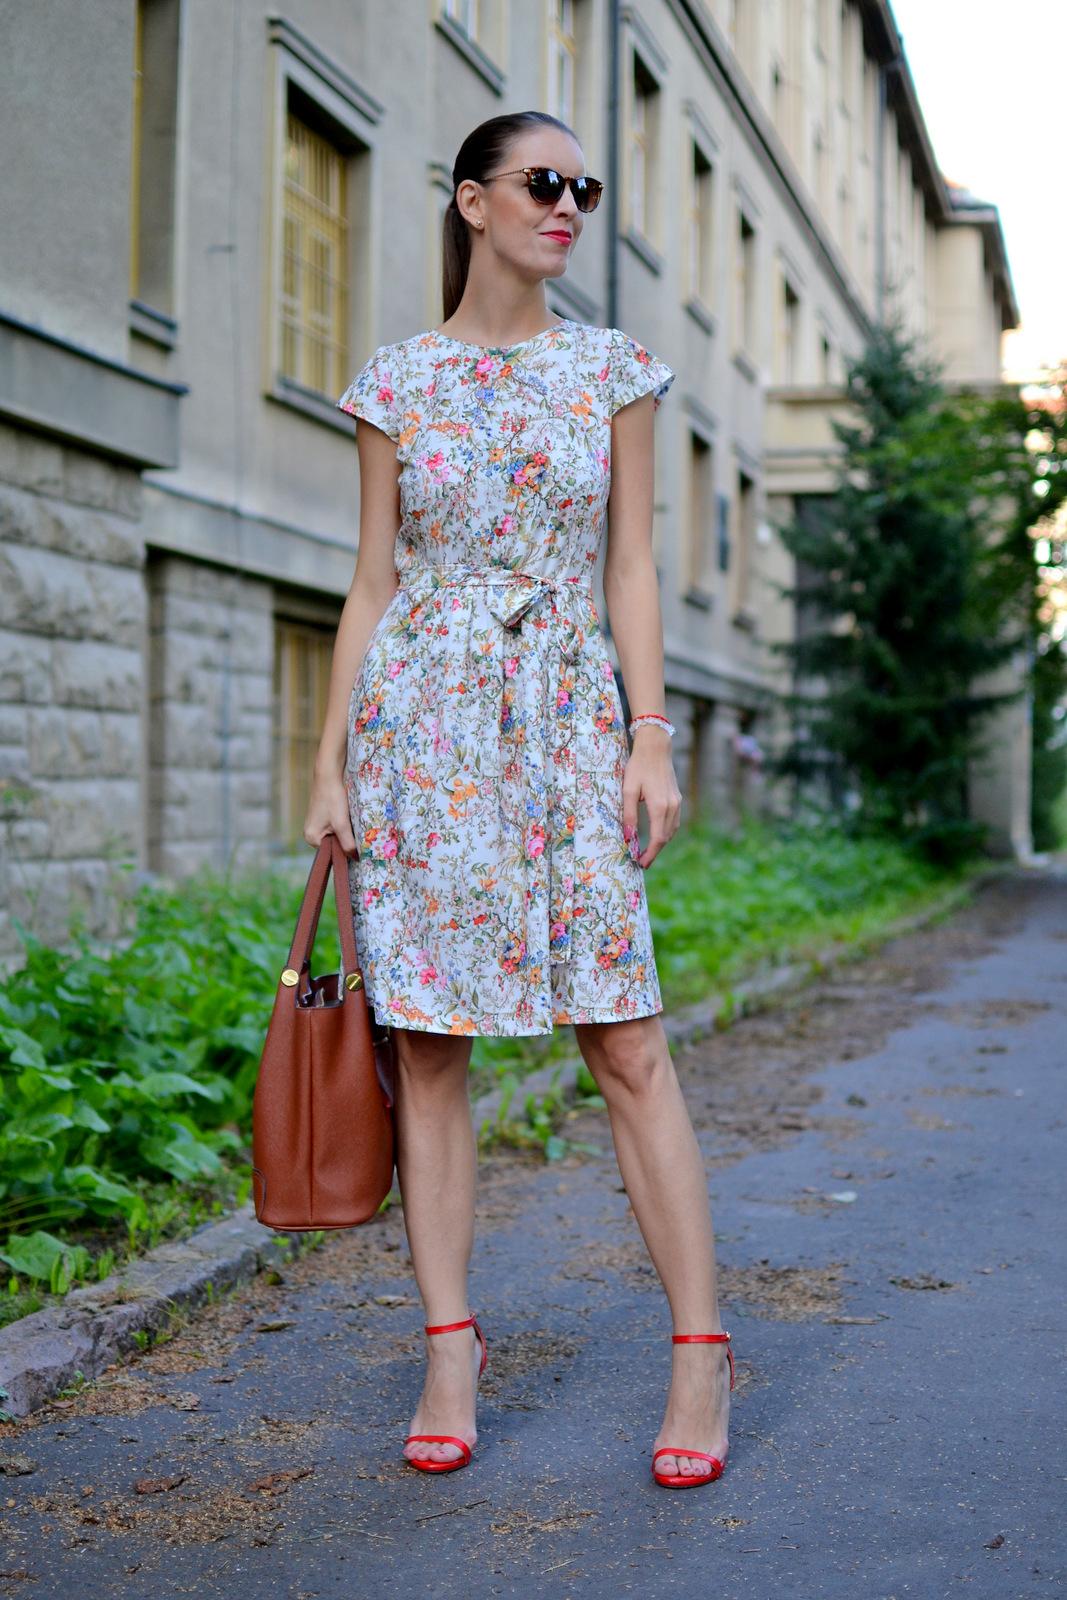 http://www.mademoiselleiva.com/2016/08/white-floral-dress.html